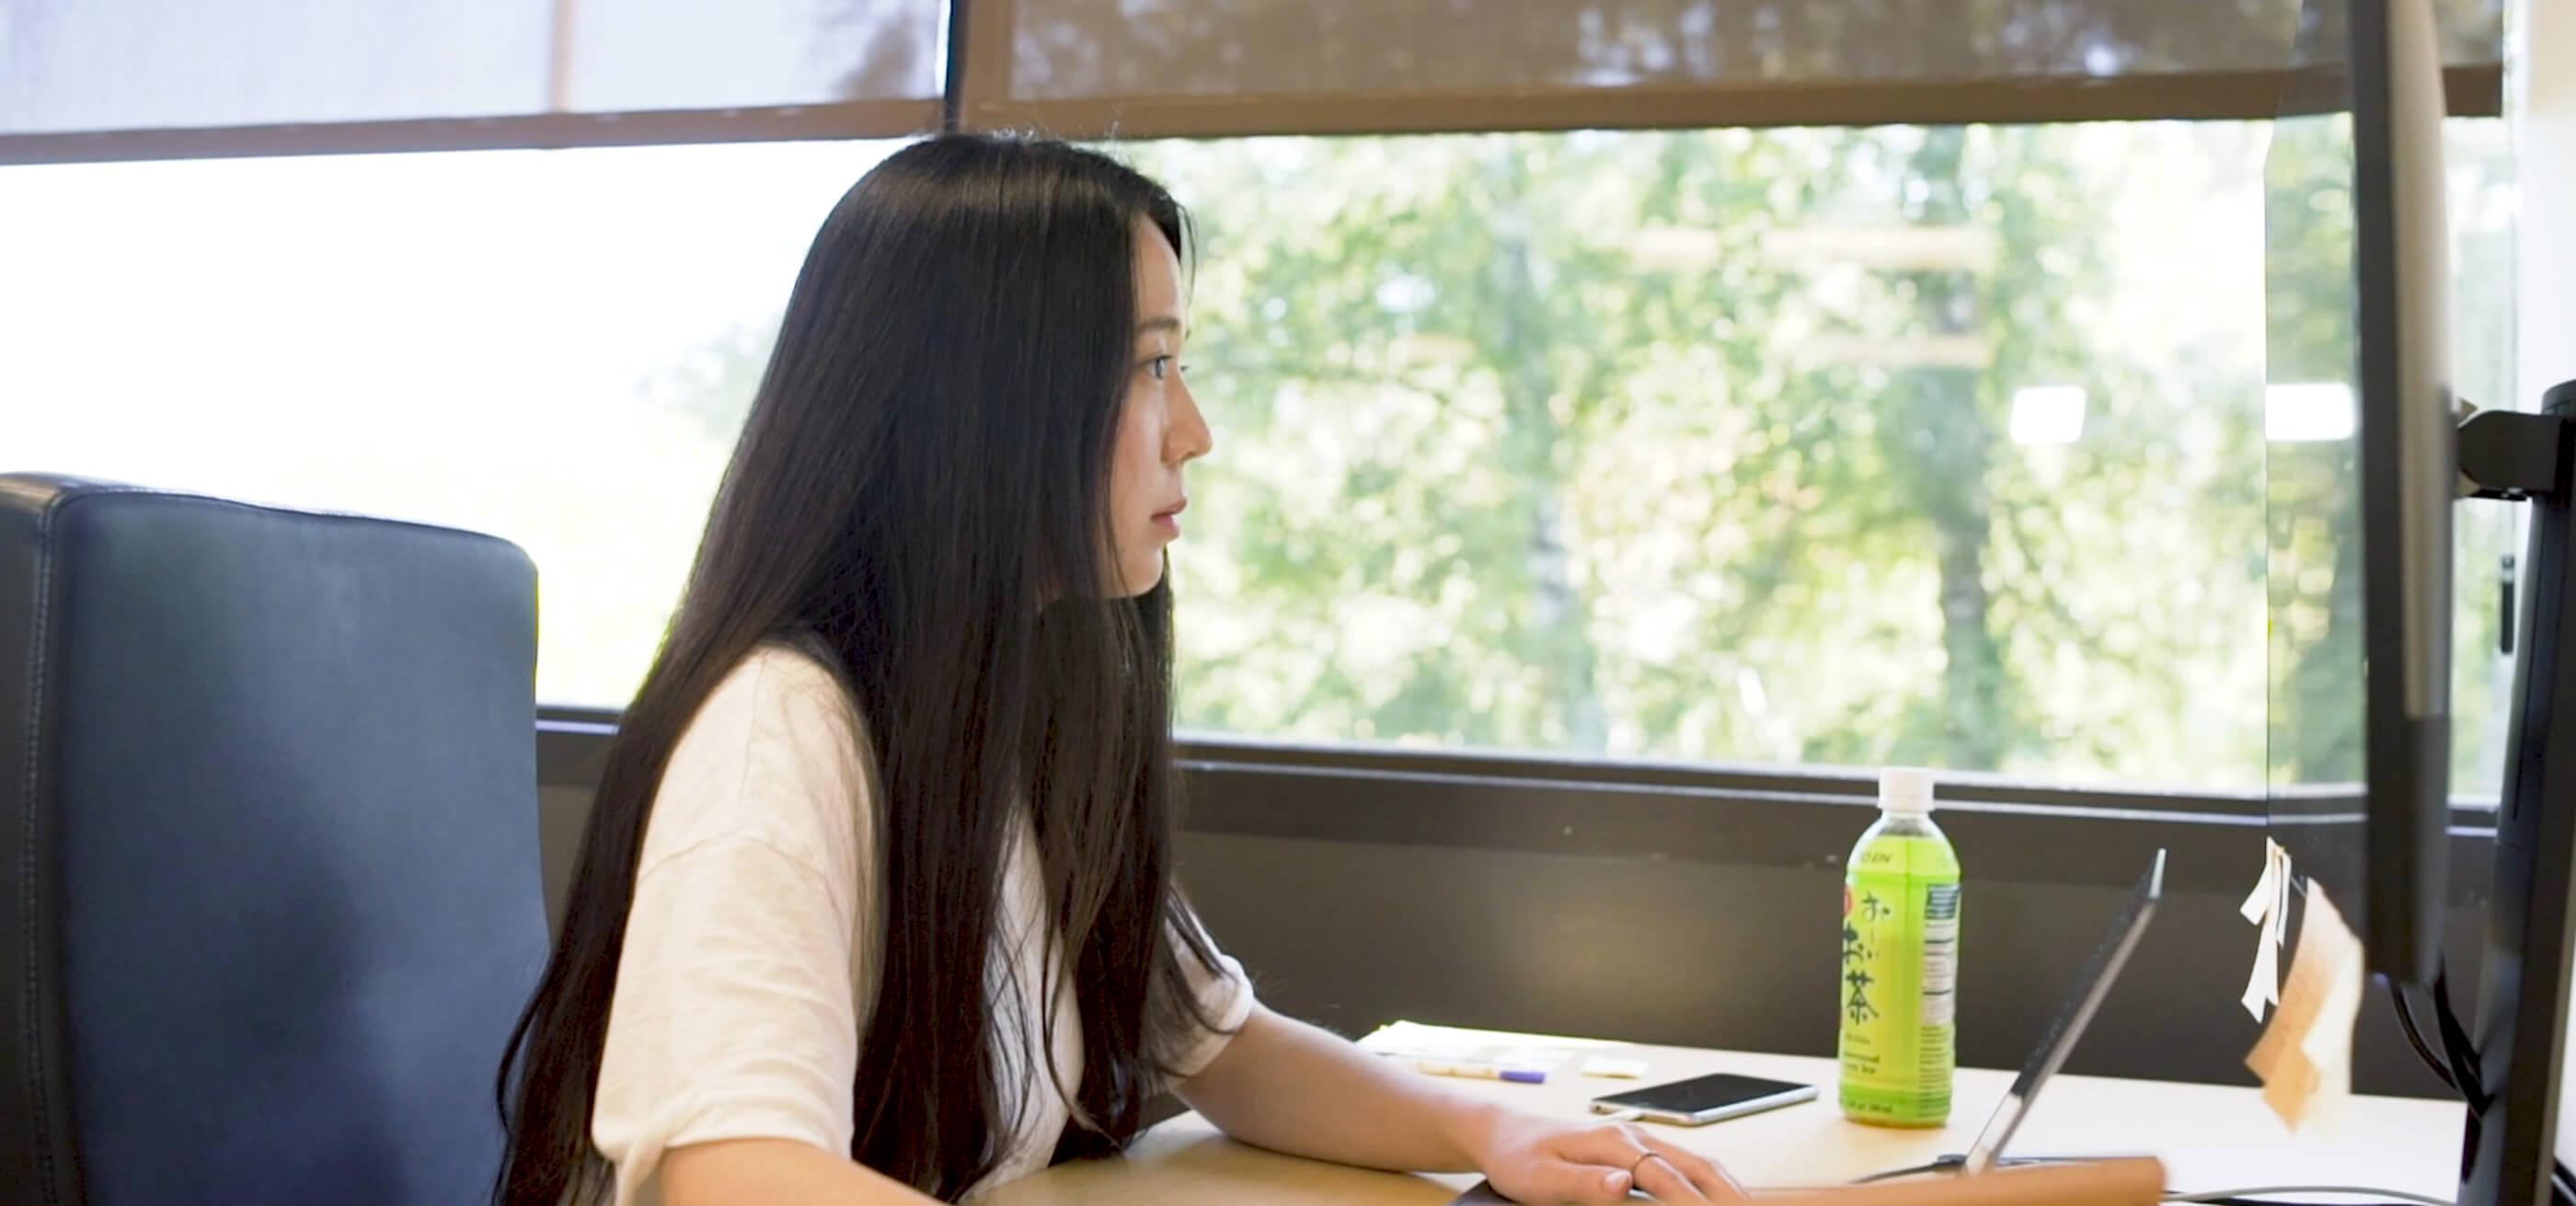 DigiPen grad Jiyun Kang sits at computer workstation